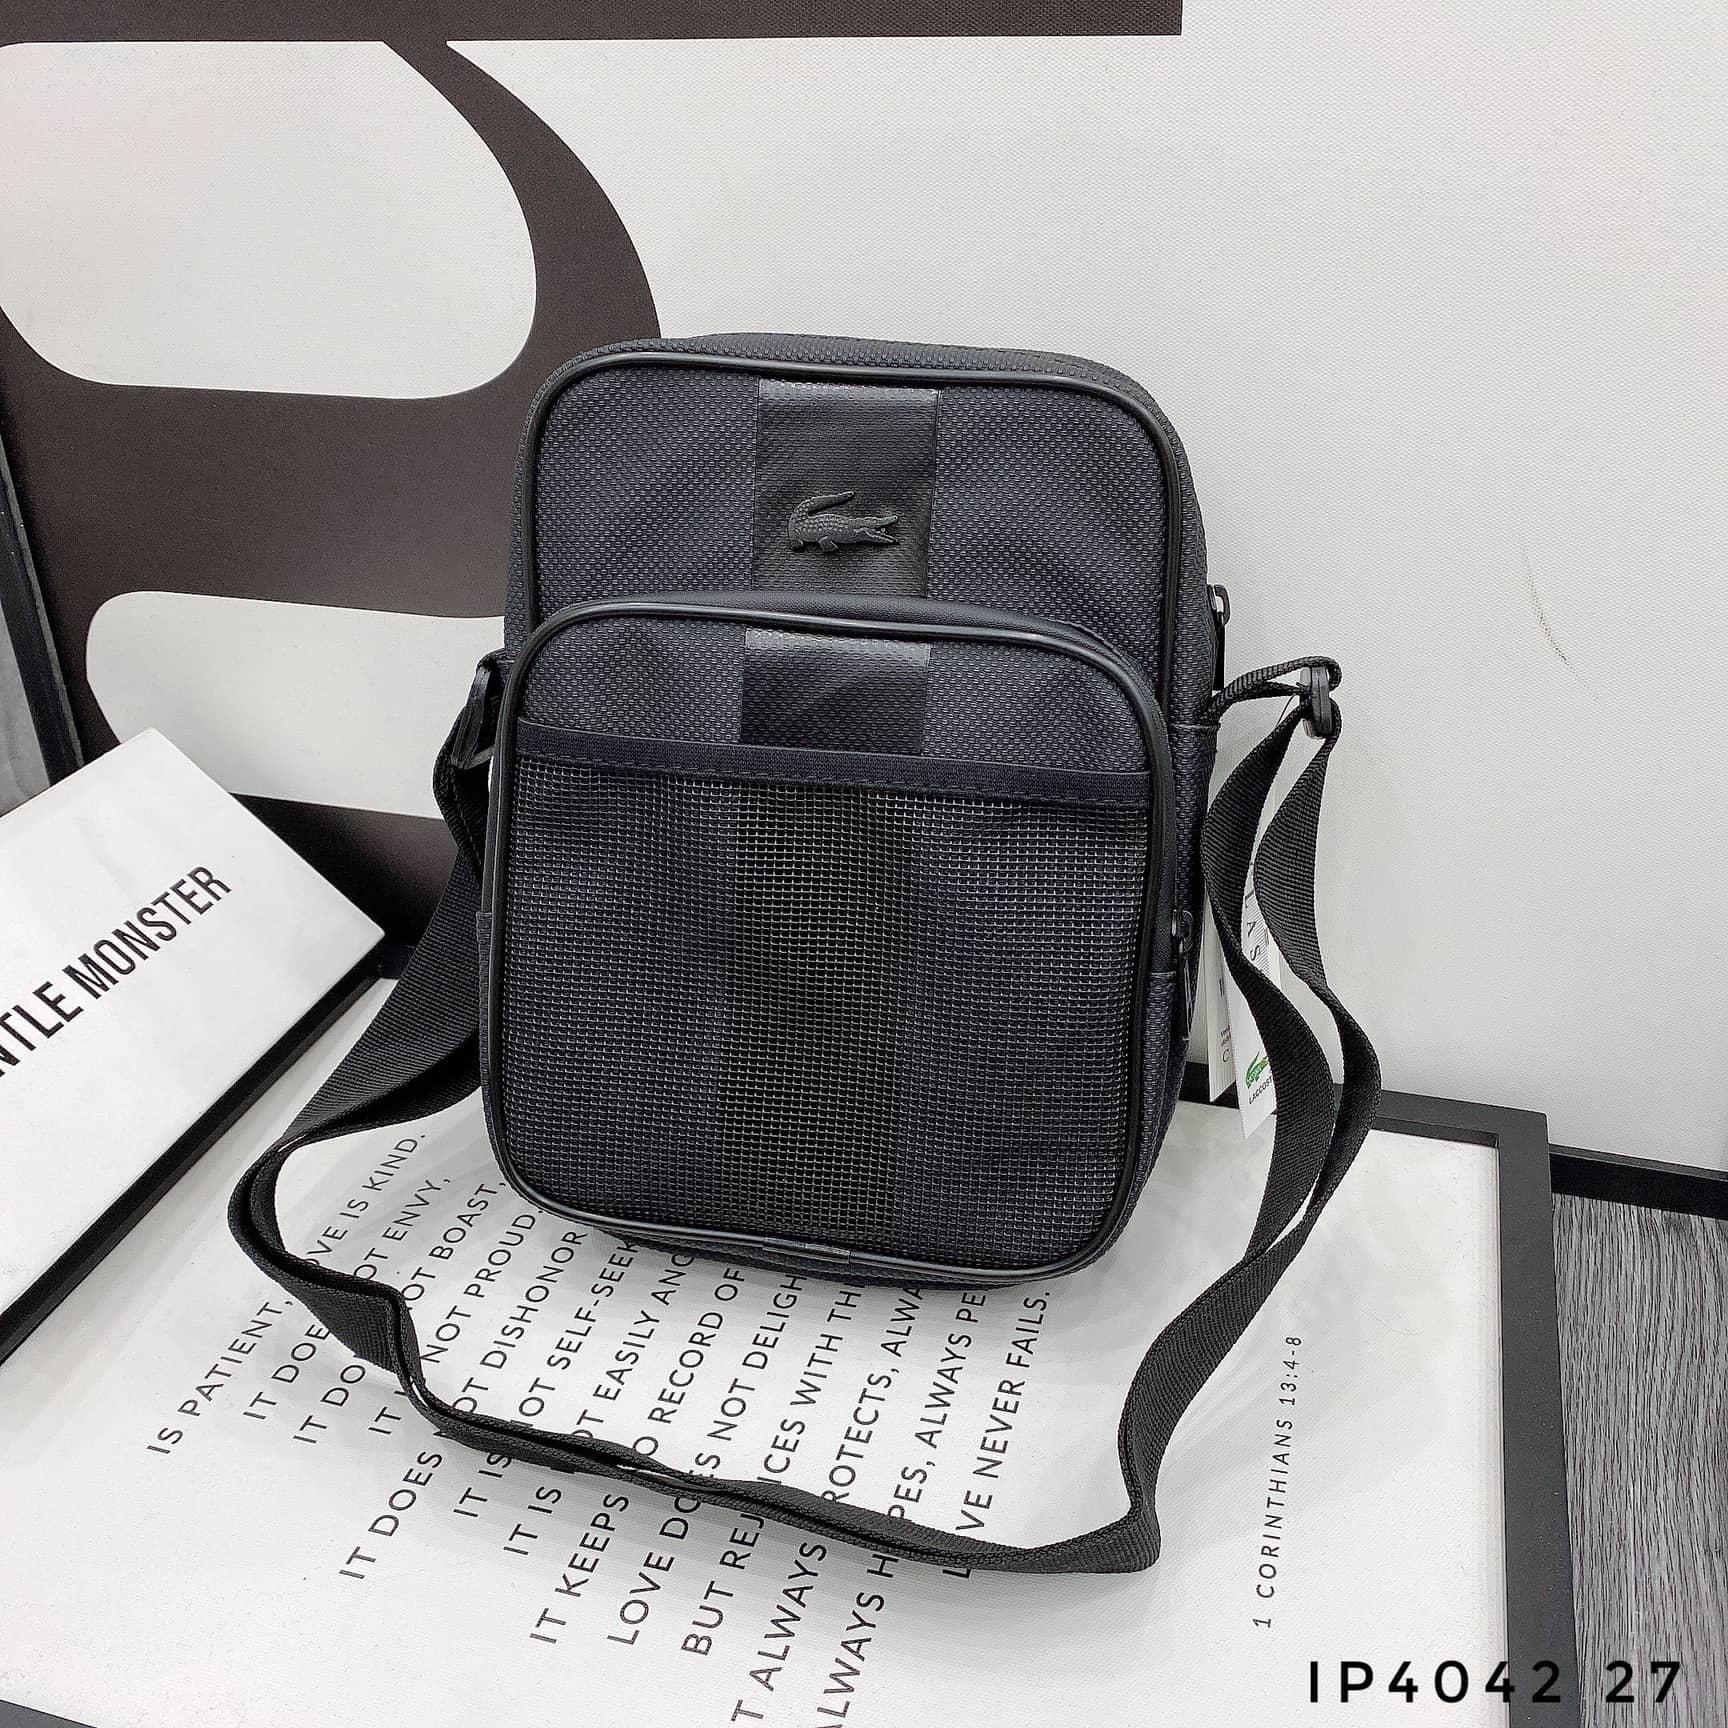 TÚI IP4042